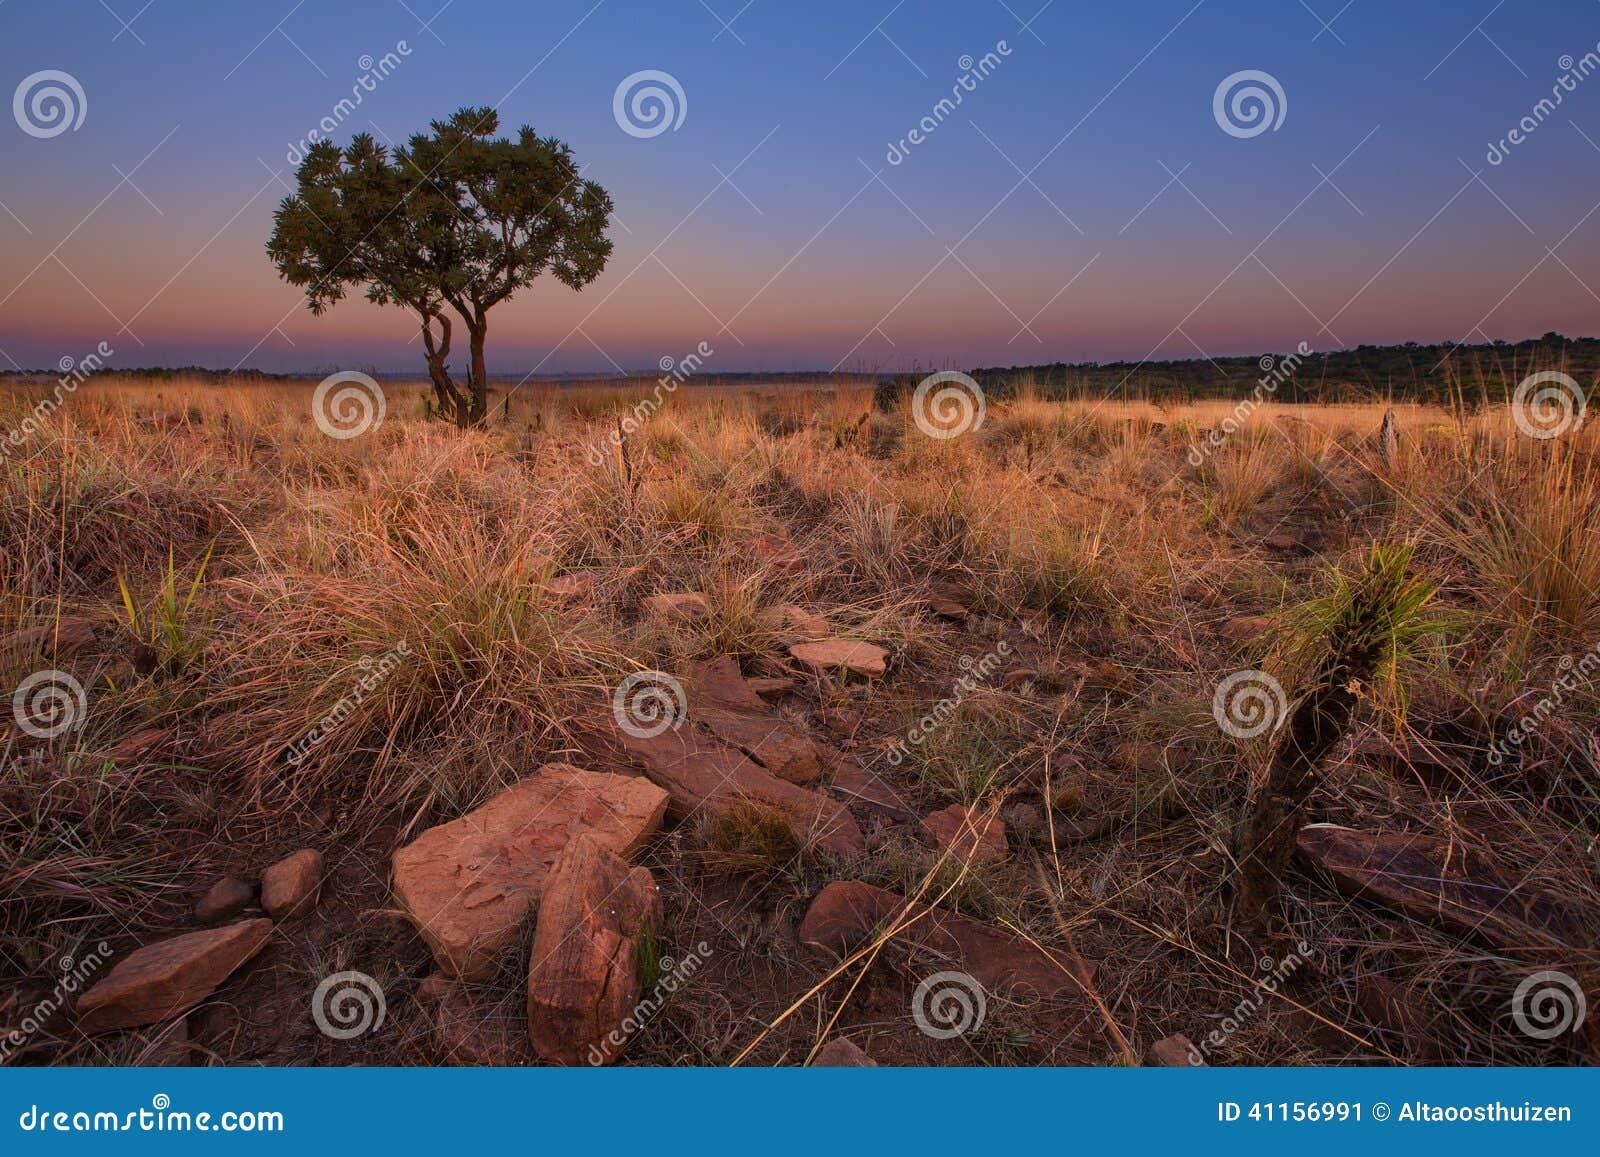 Magisk solnedgång i Afrika med ett ensamt träd på en kulle och louds